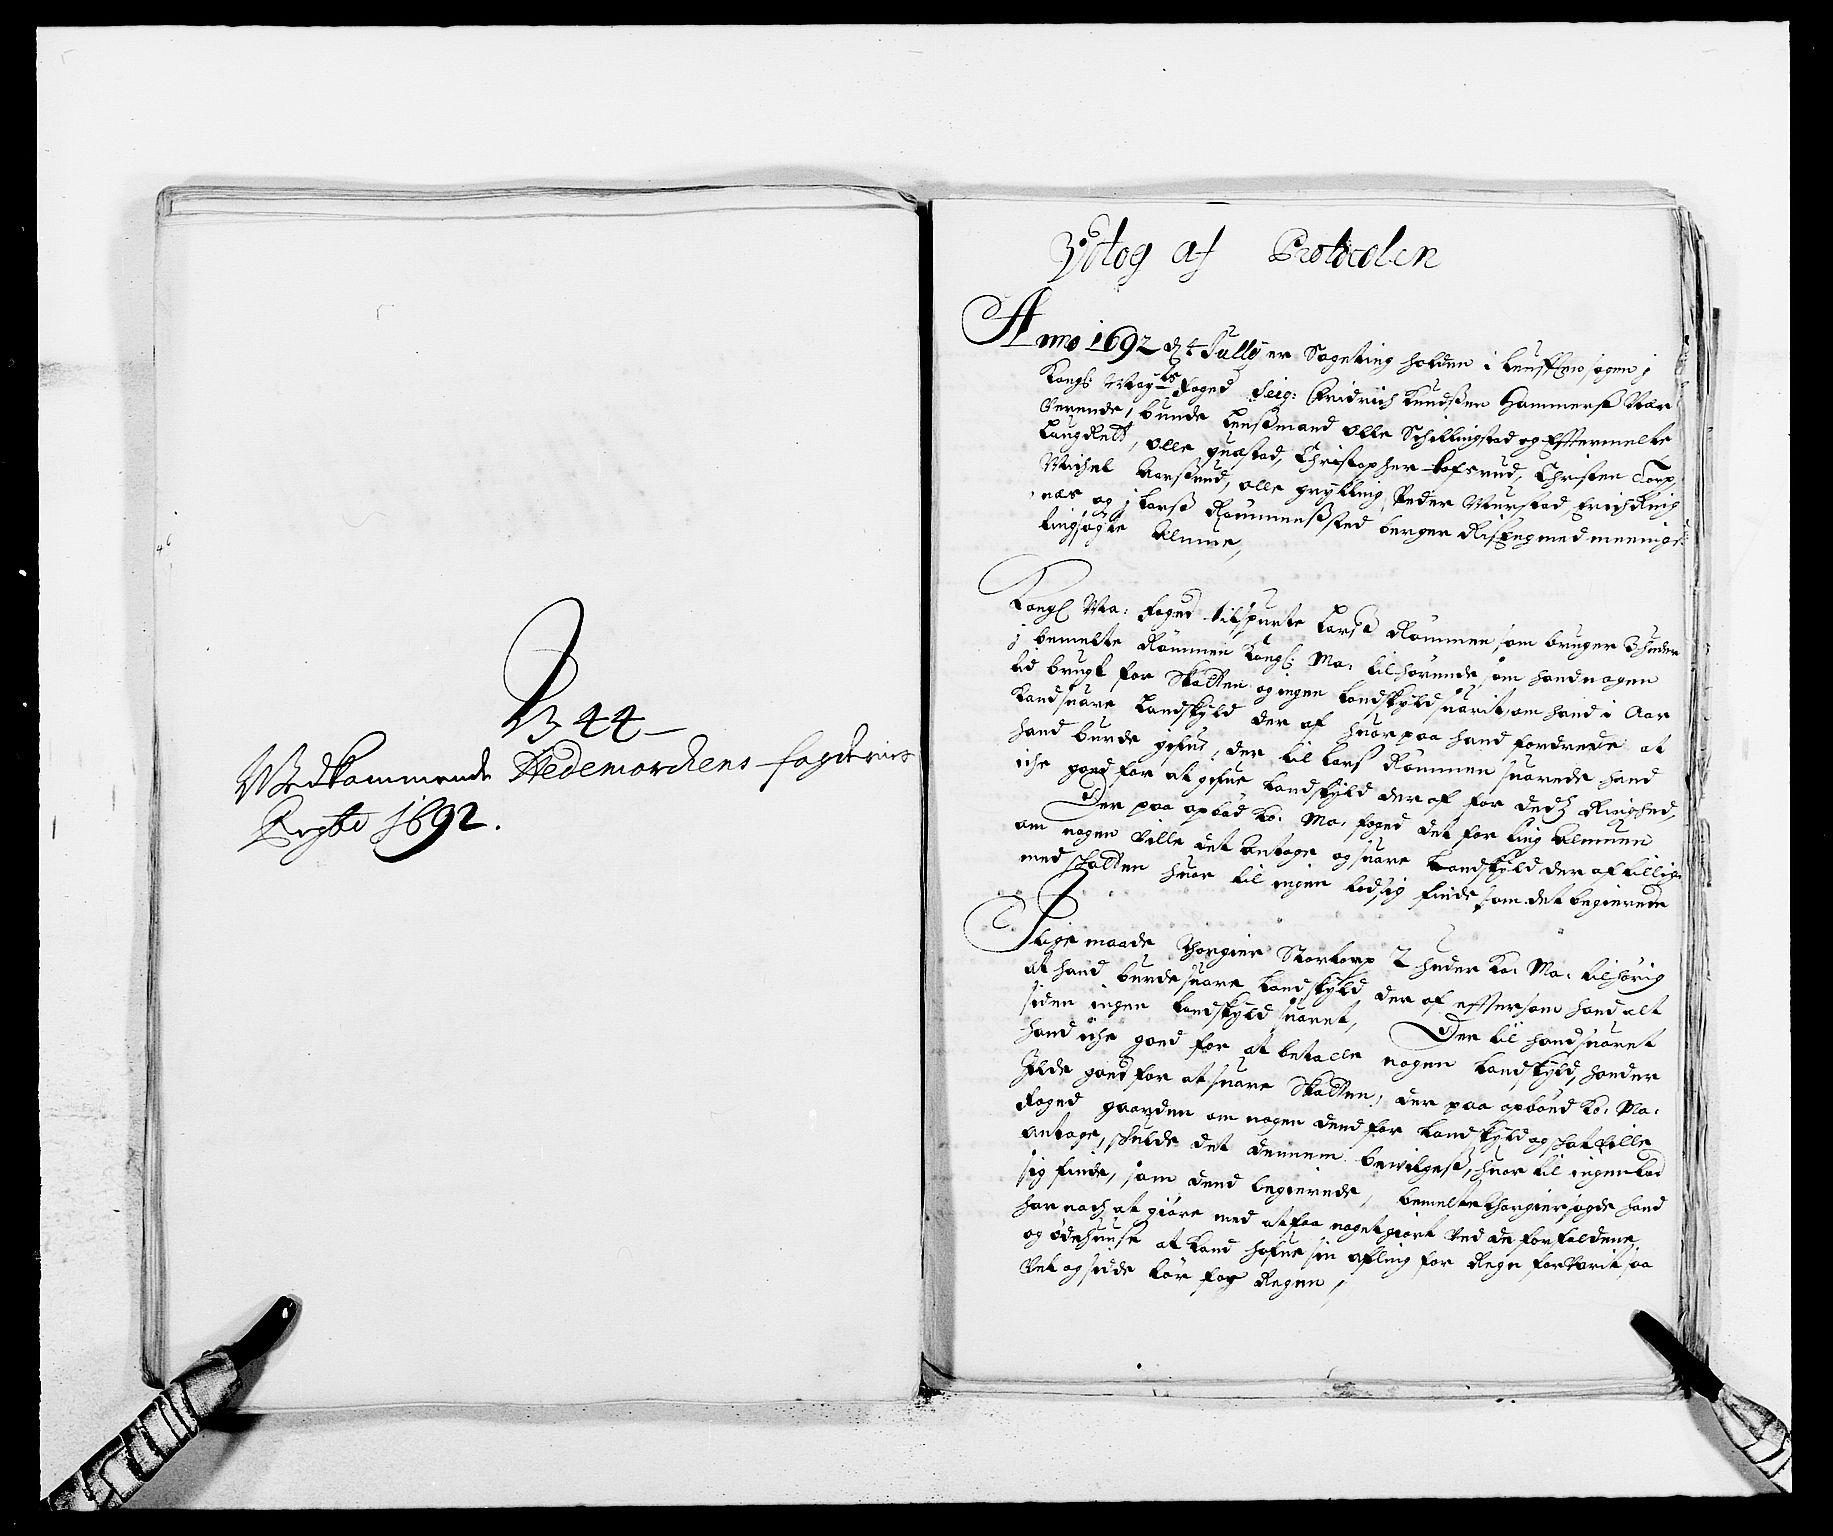 RA, Rentekammeret inntil 1814, Reviderte regnskaper, Fogderegnskap, R16/L1032: Fogderegnskap Hedmark, 1689-1692, s. 150